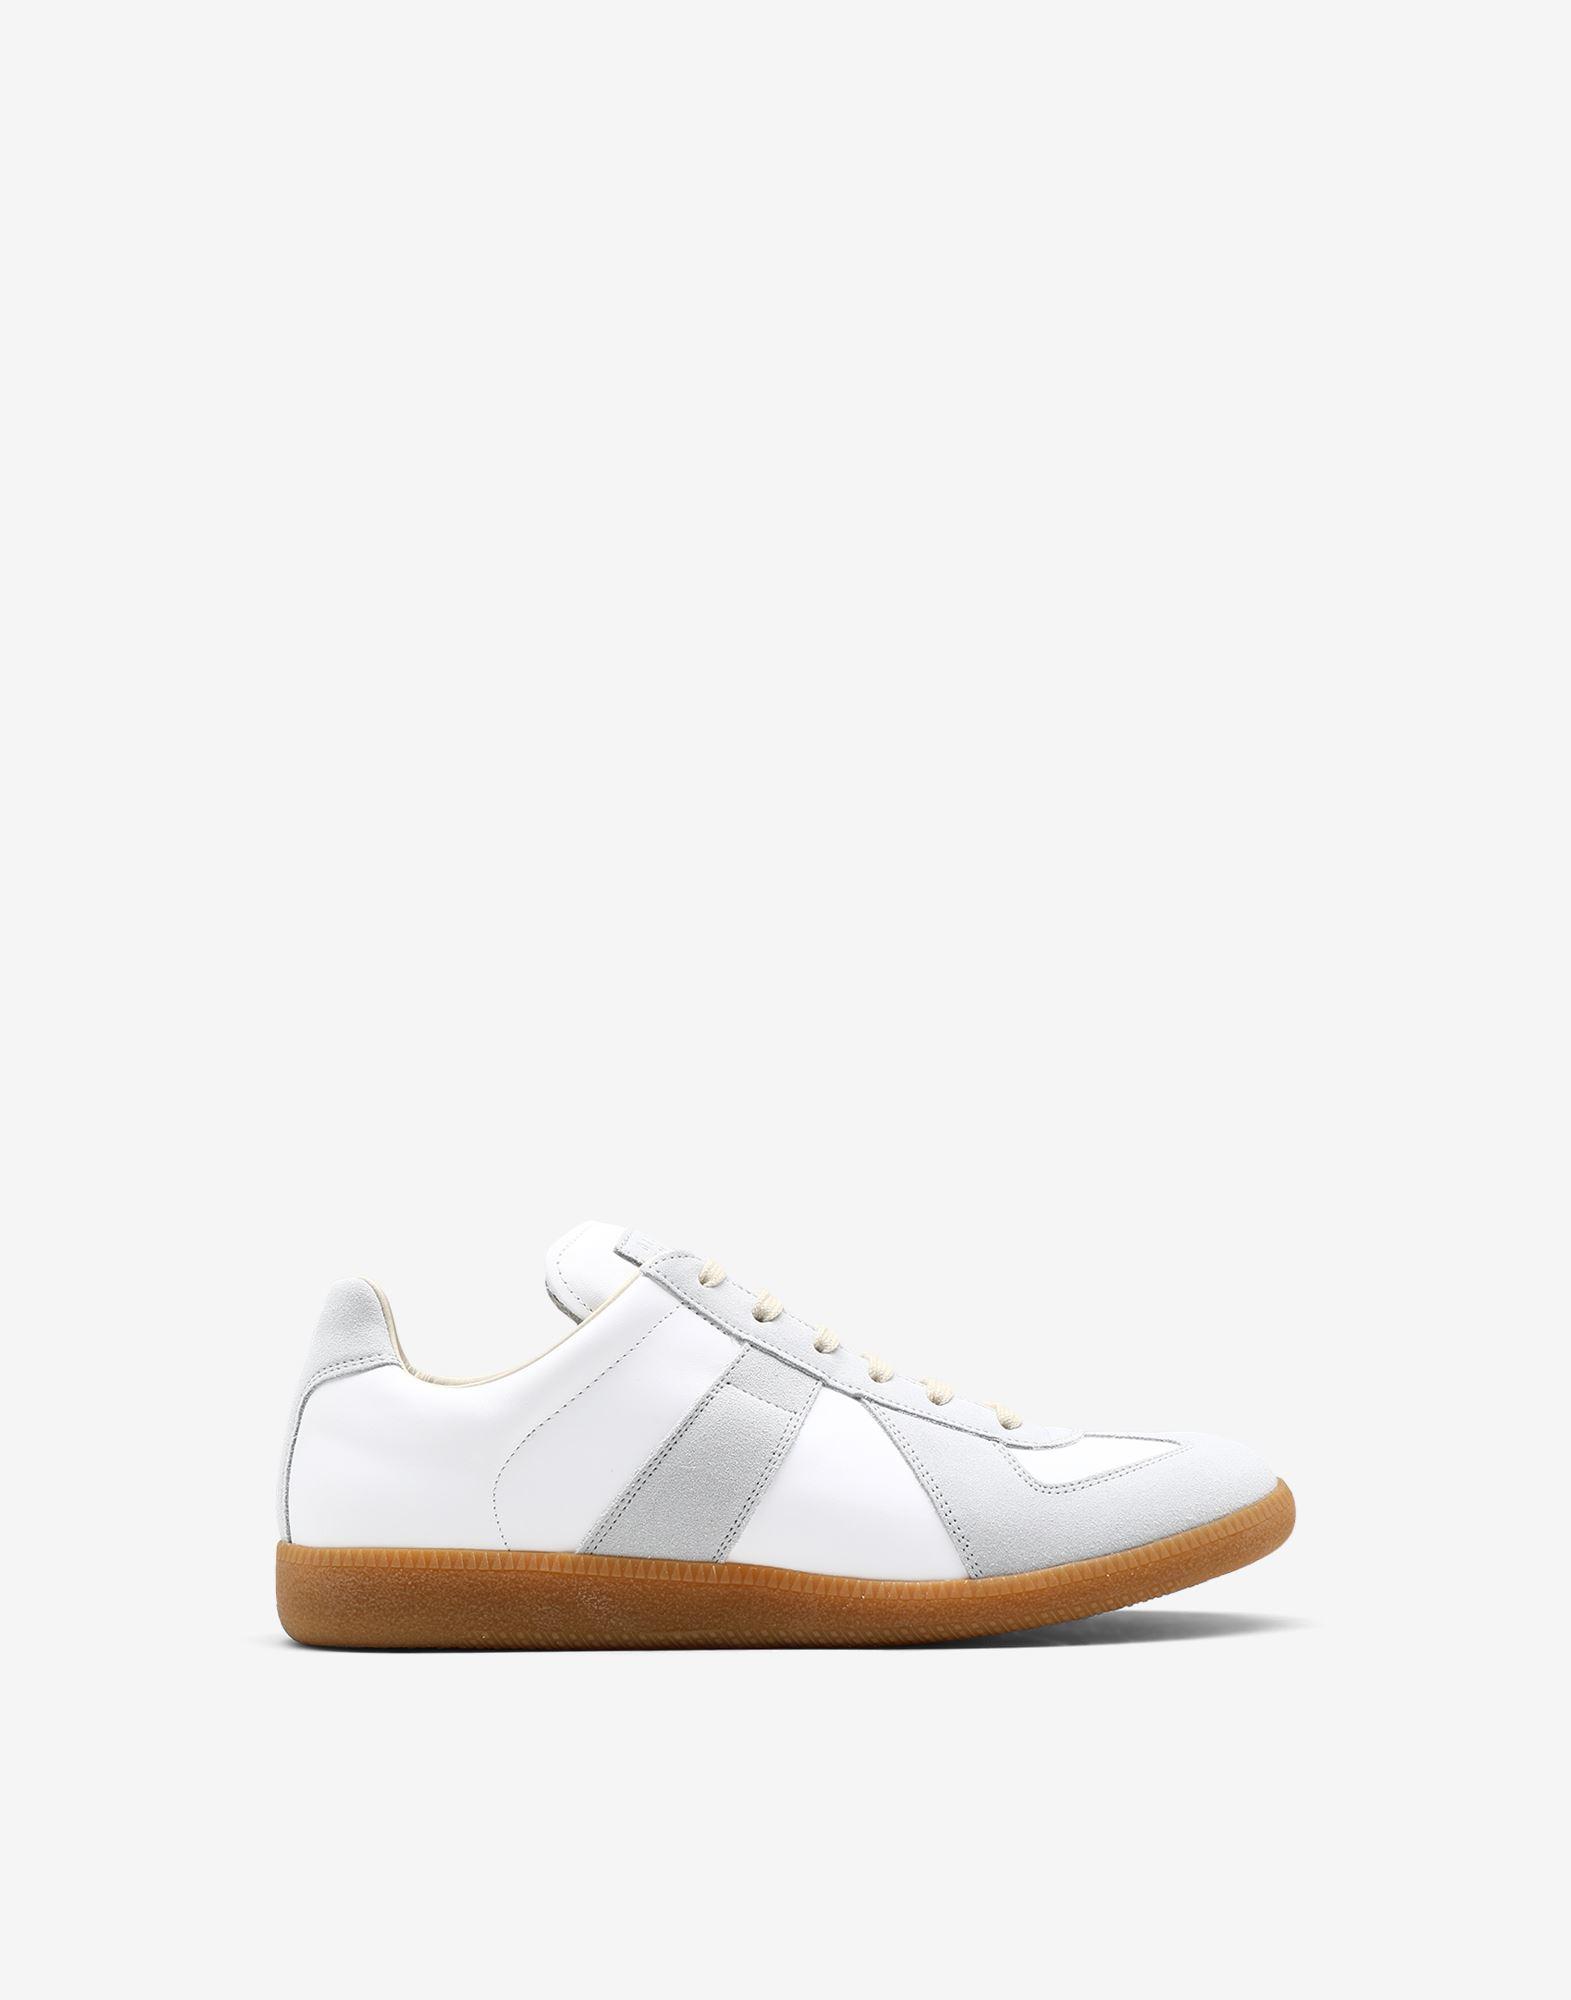 Maison Margiela Calfskin Replica Sneakers Men | Maison Margiela Store